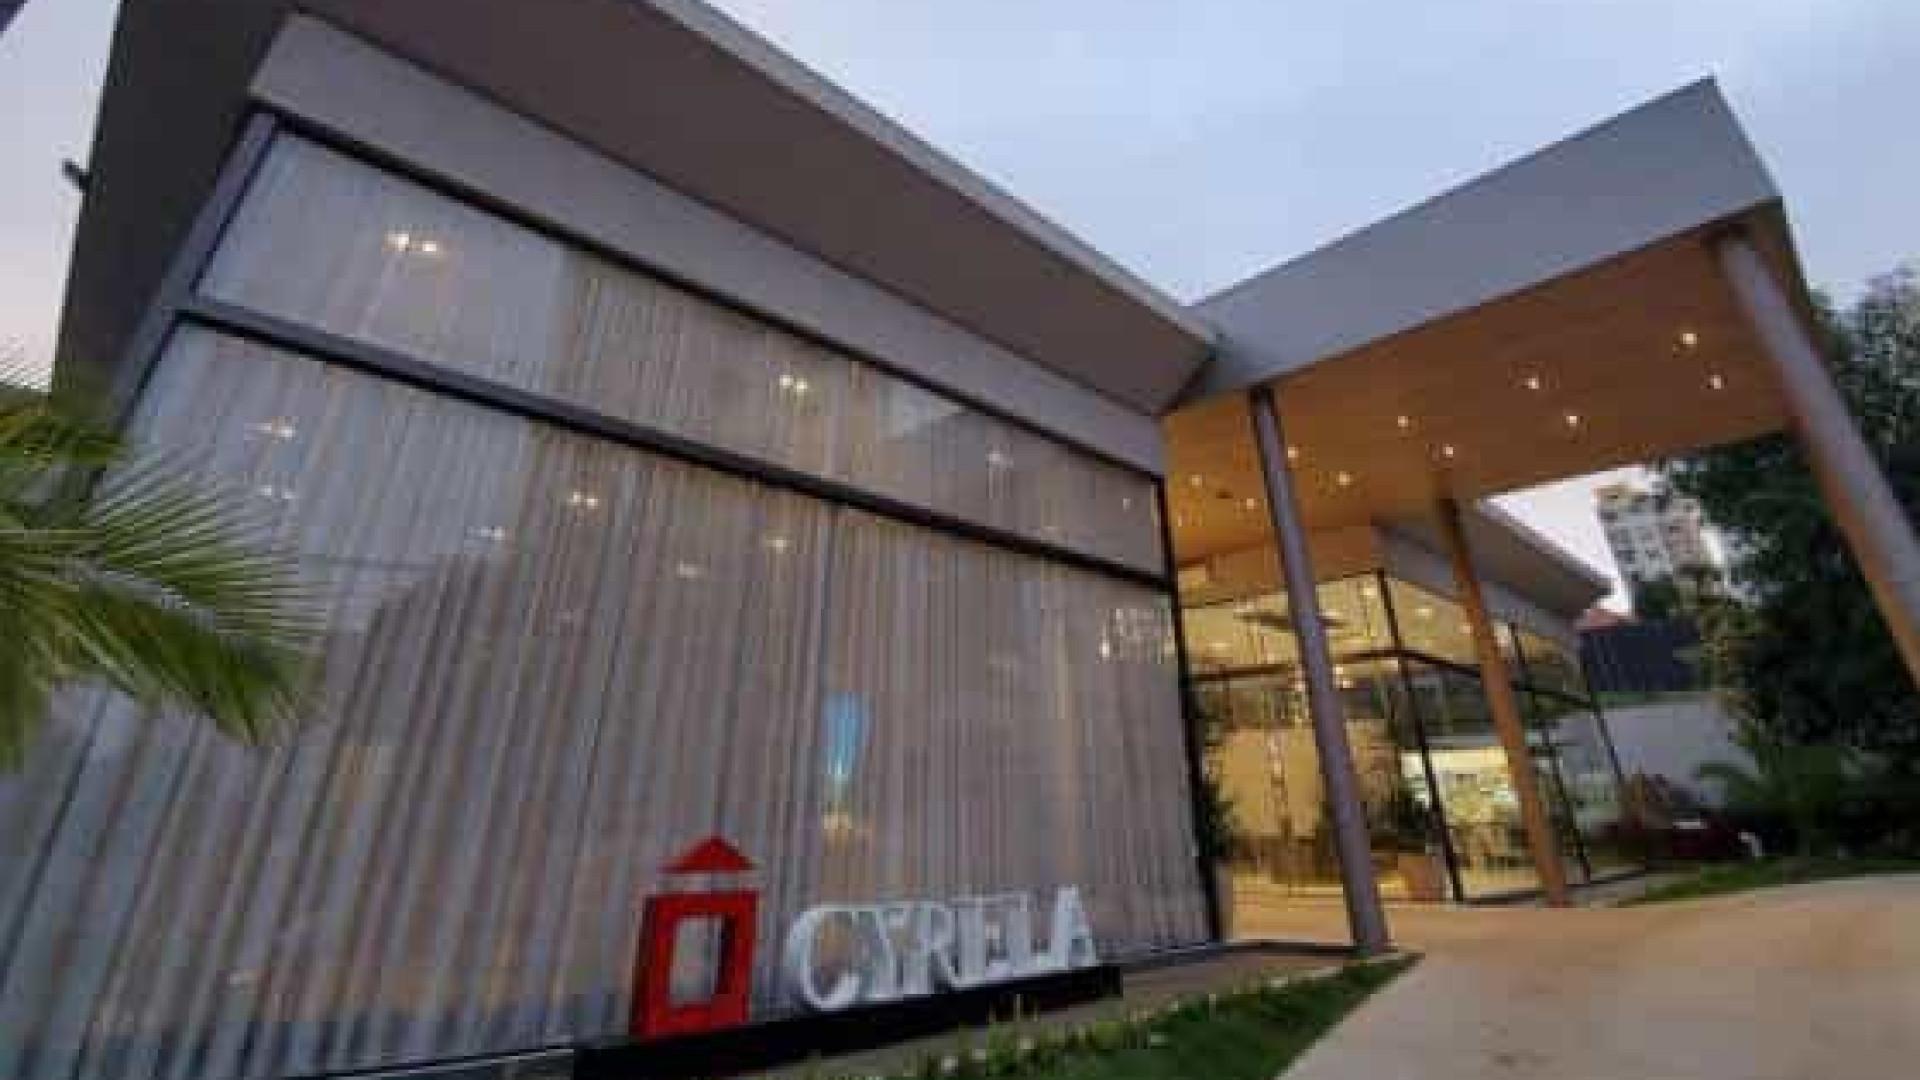 Cury pede à CVM retomada do processo de registro para emissão de ações